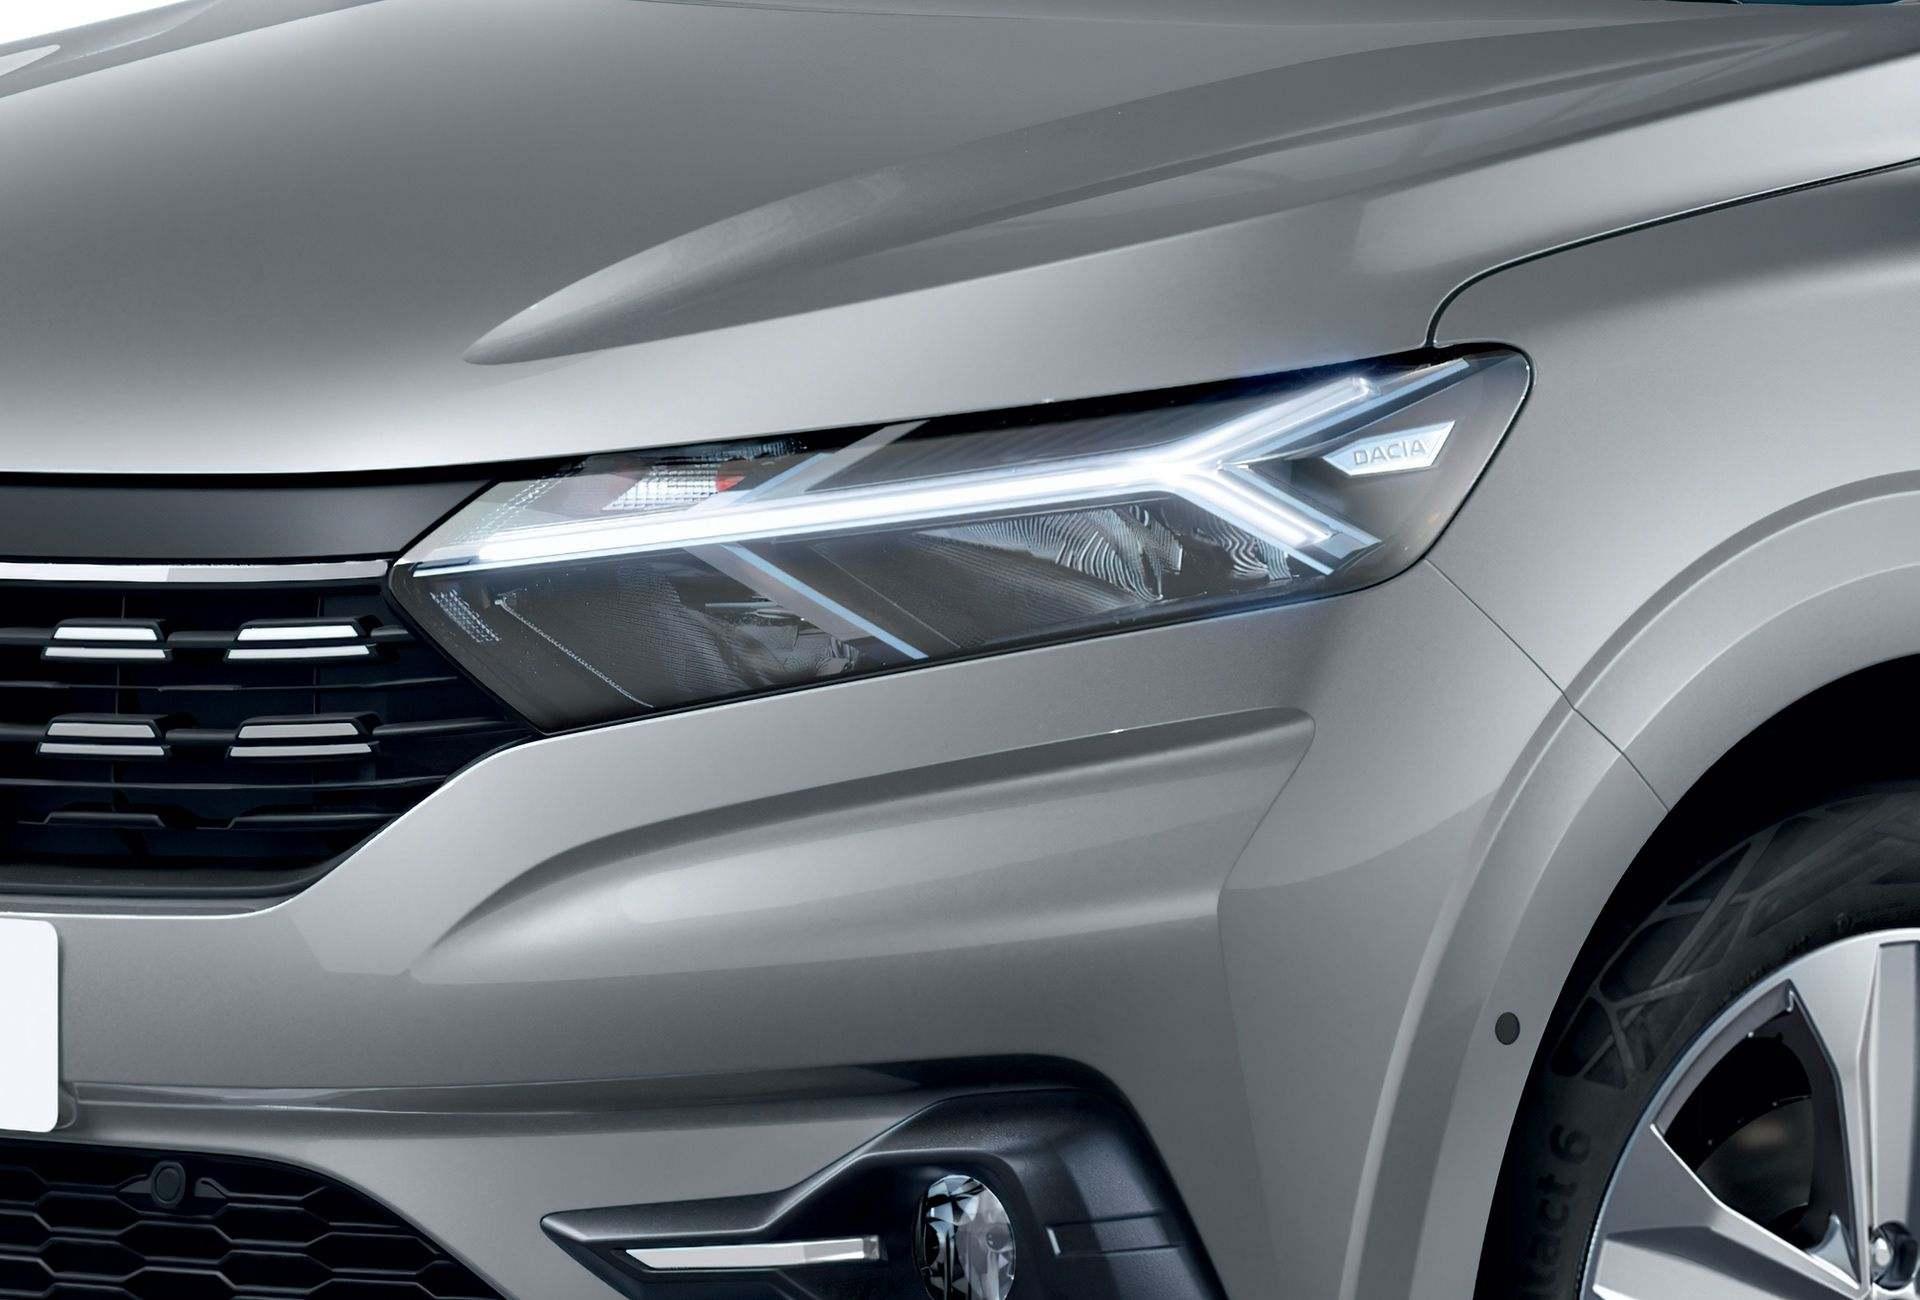 2020_Dacia_Logan_0012